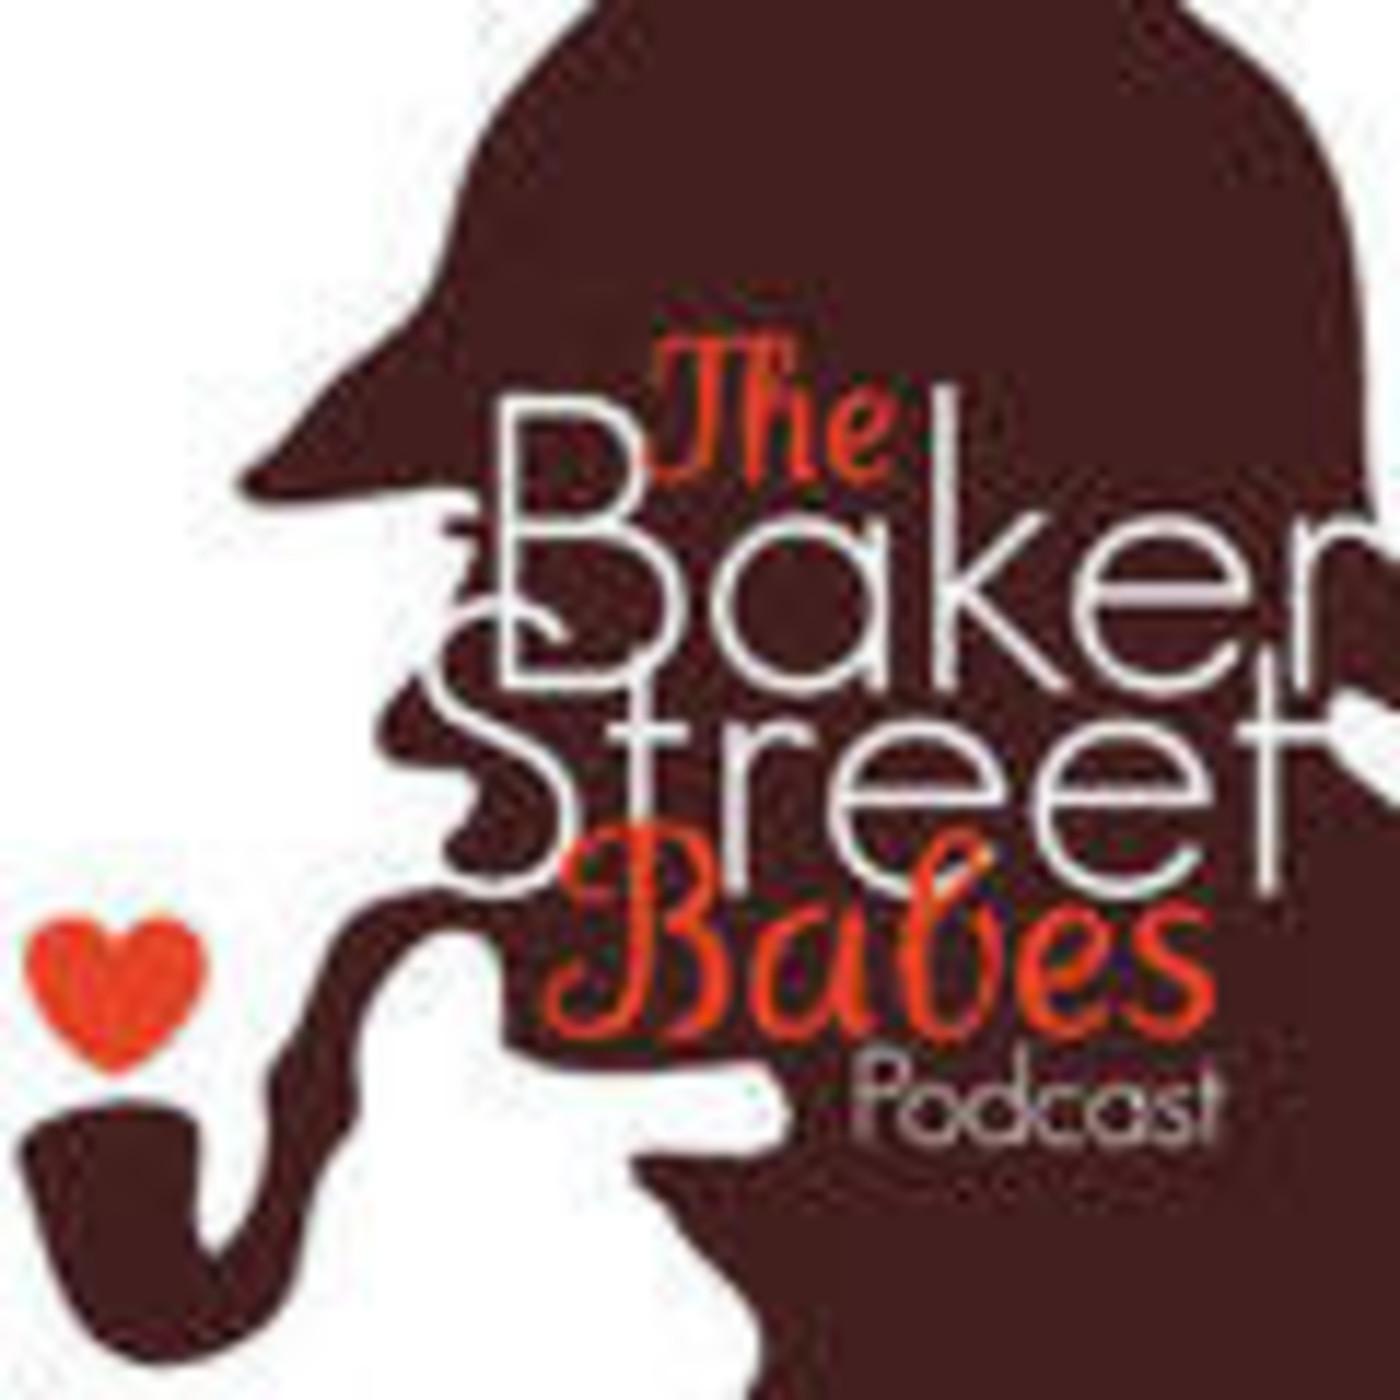 Baker Street Babes